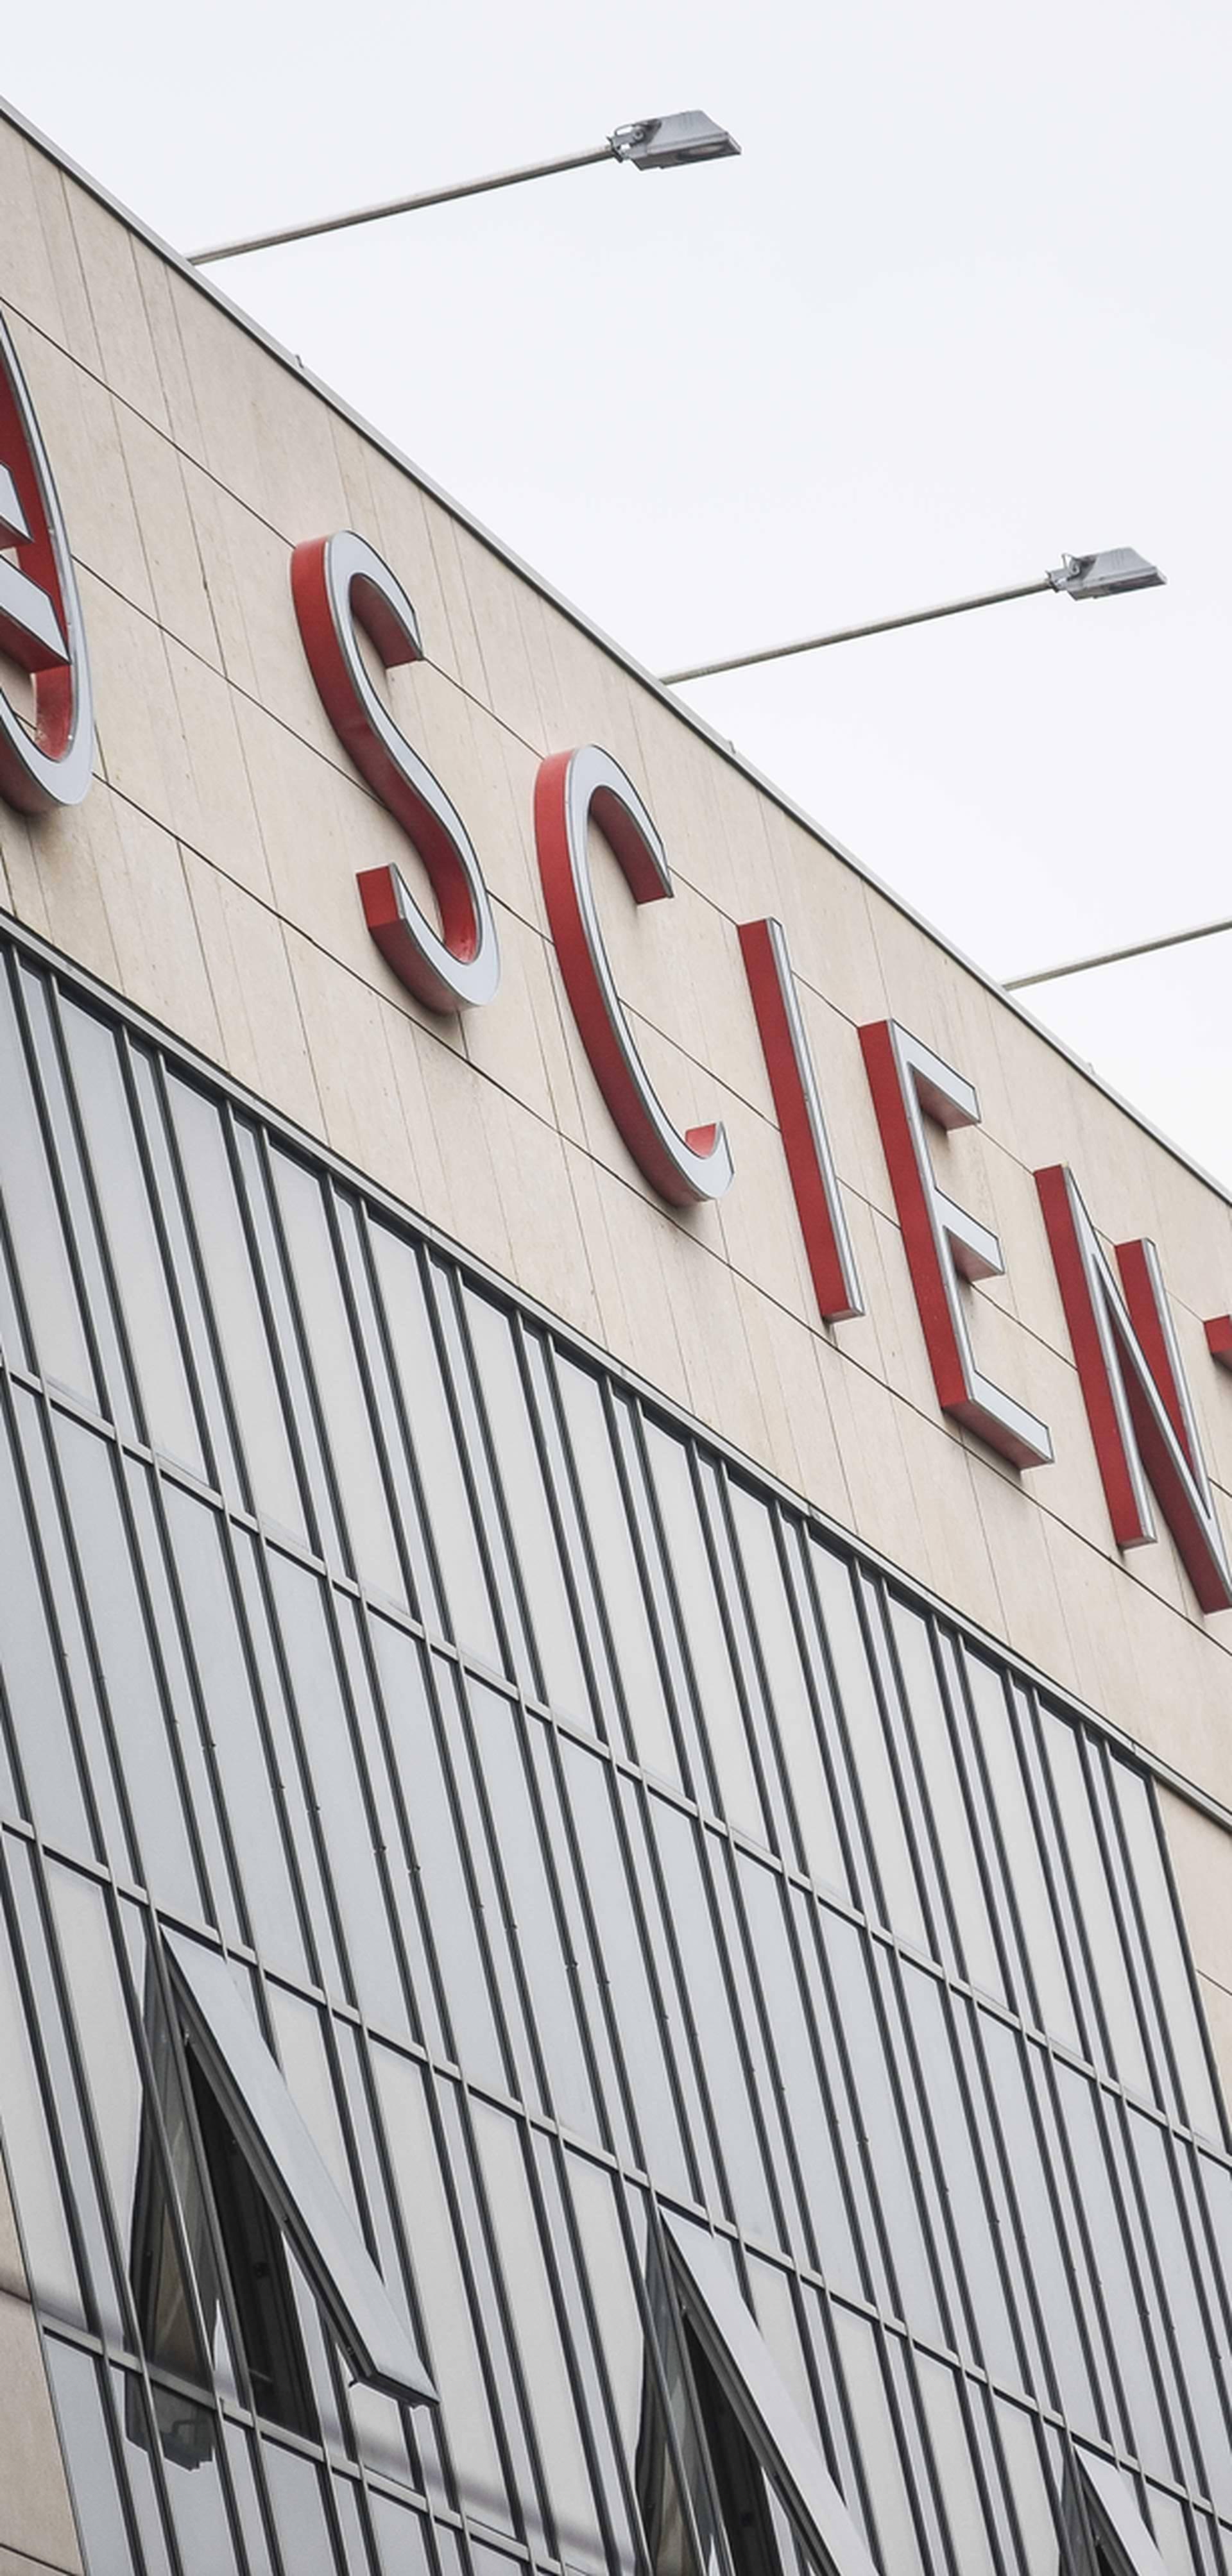 Milan, New Scientology Church opening in Milan